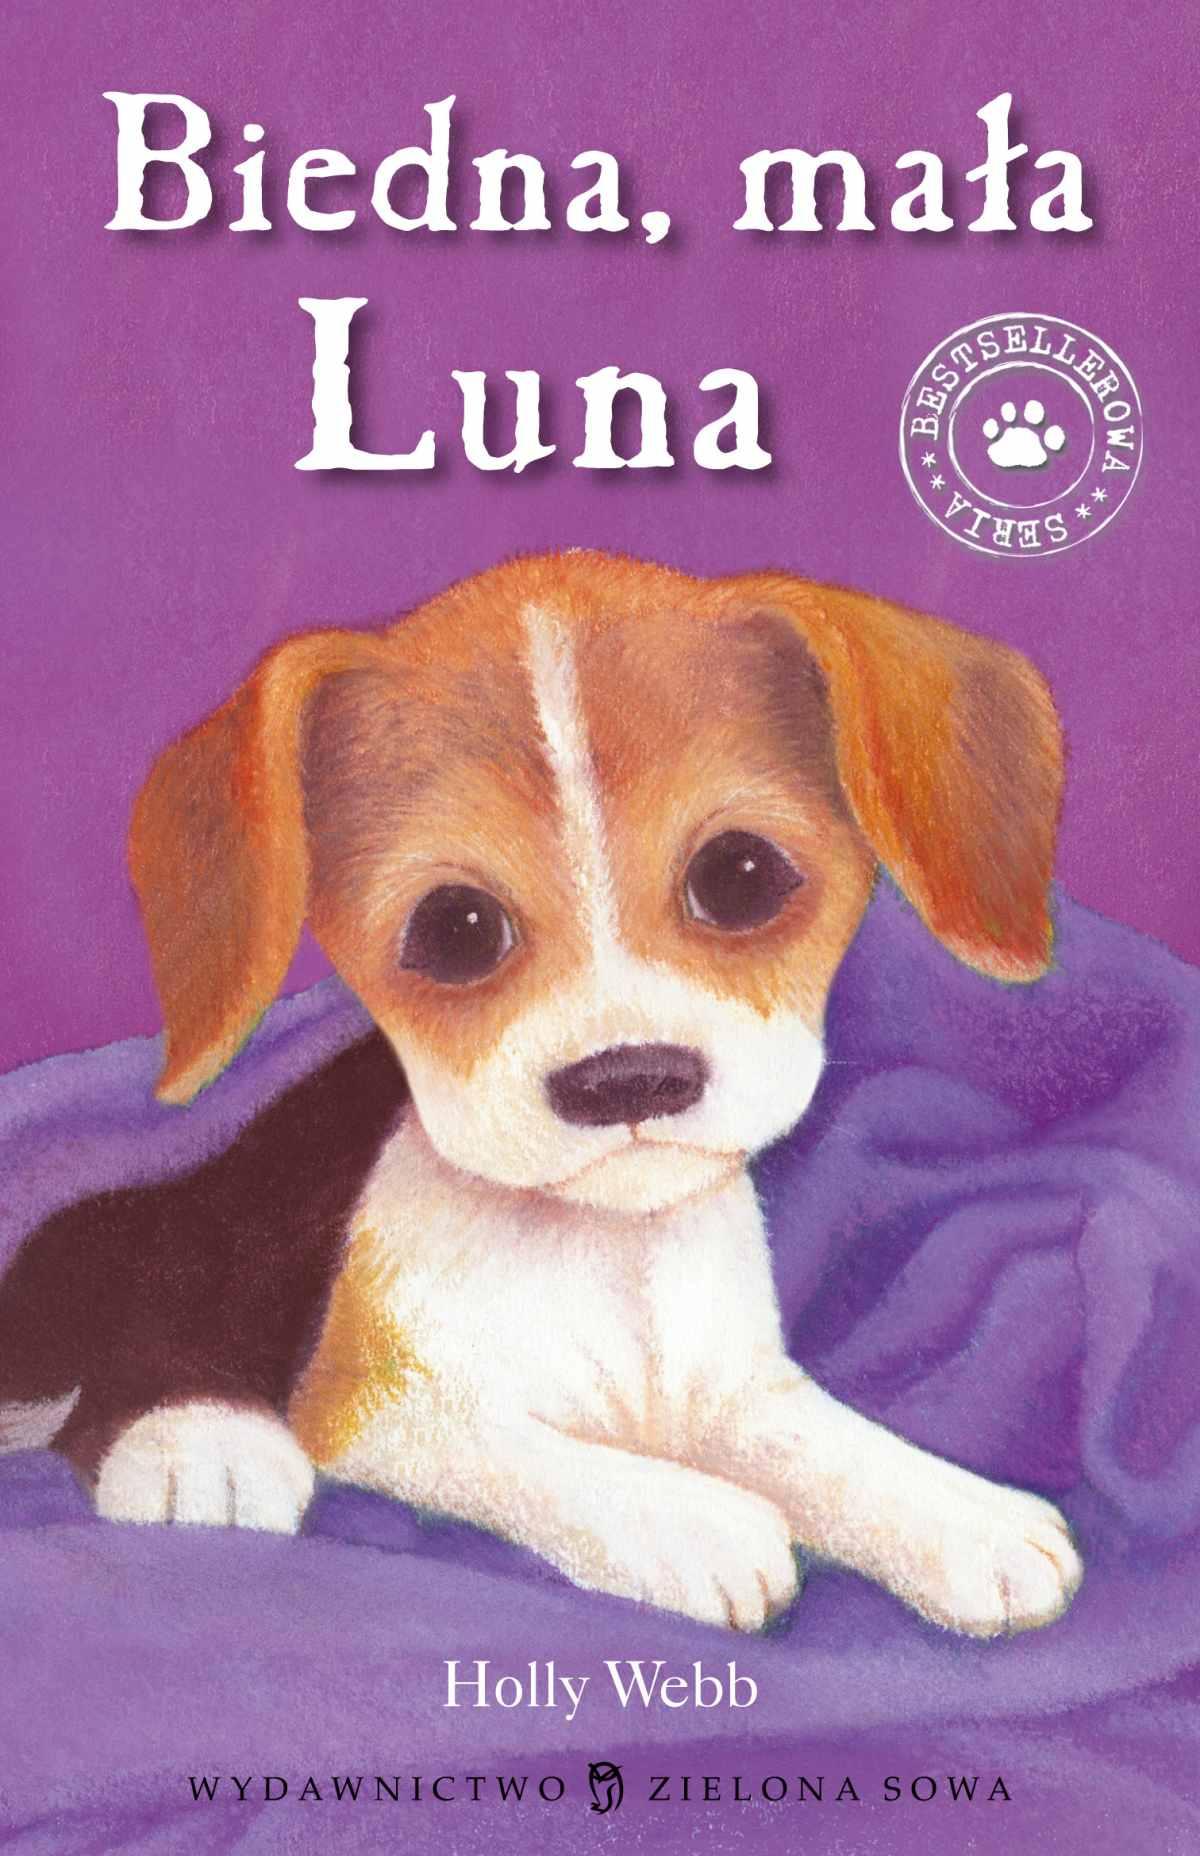 Biedna, mała Luna - Ebook (Książka na Kindle) do pobrania w formacie MOBI